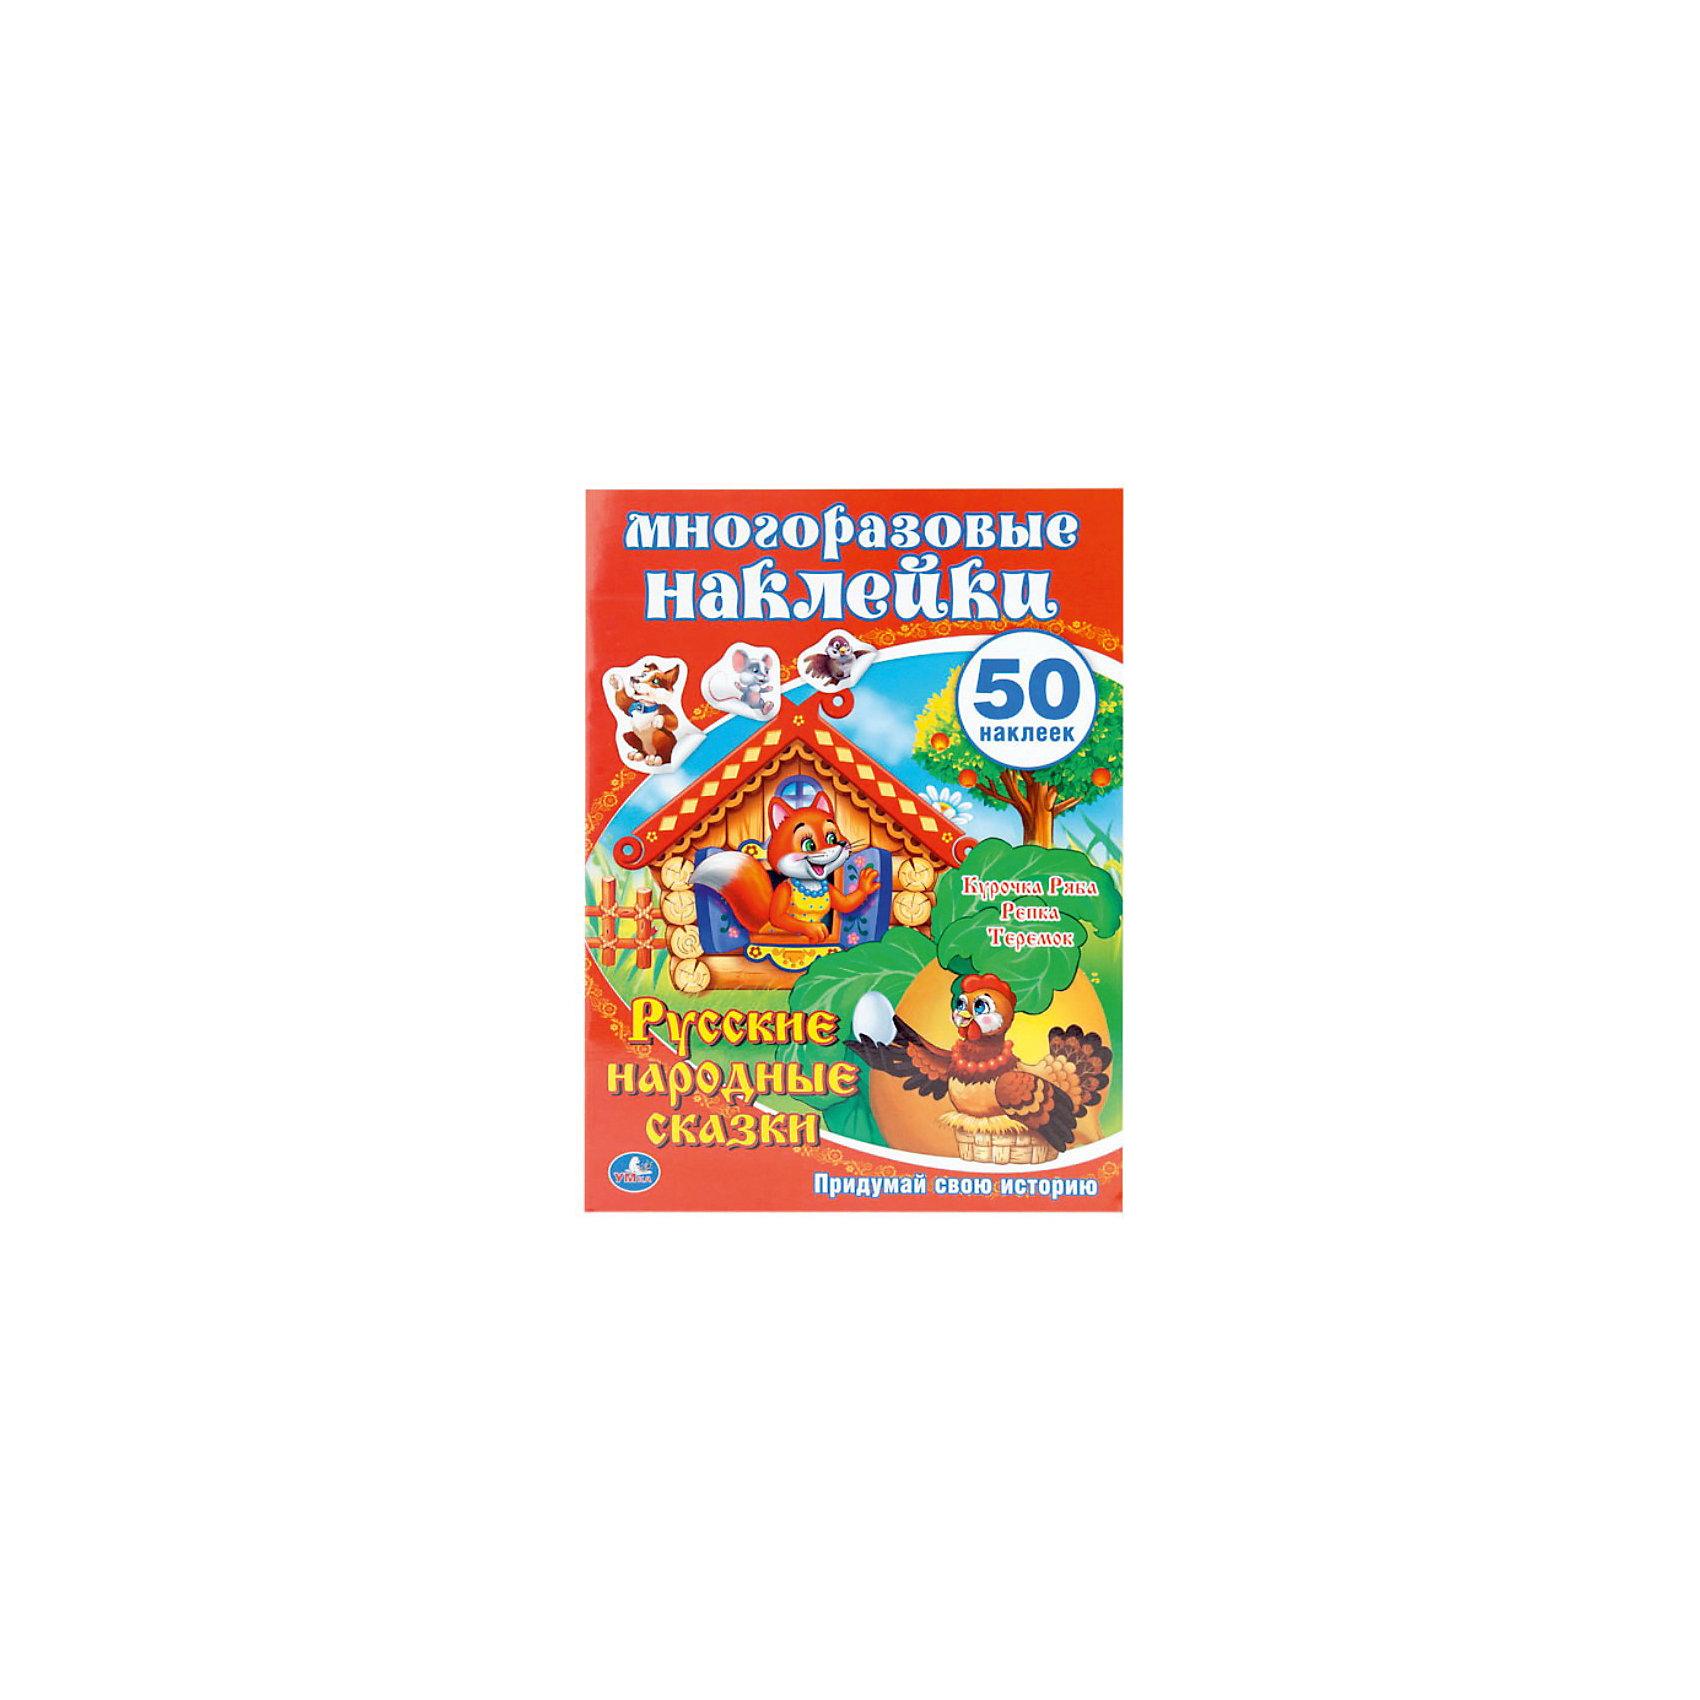 Книга с многоразовыми наклейками Русские народные сказкиКнижка Русские народные сказки с наклейками, Умка - это не только всеми любимые сказки для малышей, но и возможность иллюстрировать их по своему вкусу. В наборе есть 50 замечательных многоразовых наклеек с героями сказок, которые малыш может клеить в нужные места на красочных страницах. Но не волнуйтесь если ошиблись, наклейки легко можно отклеить и наклеить заново. Русские народные сказки Умка - прекрасное подспорье для развития творческих способностей ребенка. Замечательными наклейками можно украсить все, что угодно:  пенал, тетради, дневник, любимую книжку! Отклеивая наклейки и приклеивая их на нужные места ребенок будет тренировать глазомер, моторику и творческое мышление.<br><br>Дополнительная информация:<br><br>- Иллюстраторы: Дмитрий Букин, Вадим Калинин, Светлана Казикова, Ирина Гилеп, Елена Масленникова<br>- Редакторы: Кристина Хомякова, Сатеник Анастасян<br>- Составитель: Сатеник Анастасян<br>- Количество страниц: 8;<br>- 50 многоразовых наклеек;<br>- Герои любимых детских сказок;<br>- Помогает в развитии творческих способностей;<br>- Размер: 21 х 29 см;<br>- Вес: 80 г<br><br>Книгу Русские народные сказки с наклейками, Умка можно купить в нашем интернет-магазине.<br><br>Ширина мм: 220<br>Глубина мм: 3<br>Высота мм: 290<br>Вес г: 80<br>Возраст от месяцев: 12<br>Возраст до месяцев: 60<br>Пол: Унисекс<br>Возраст: Детский<br>SKU: 3801147